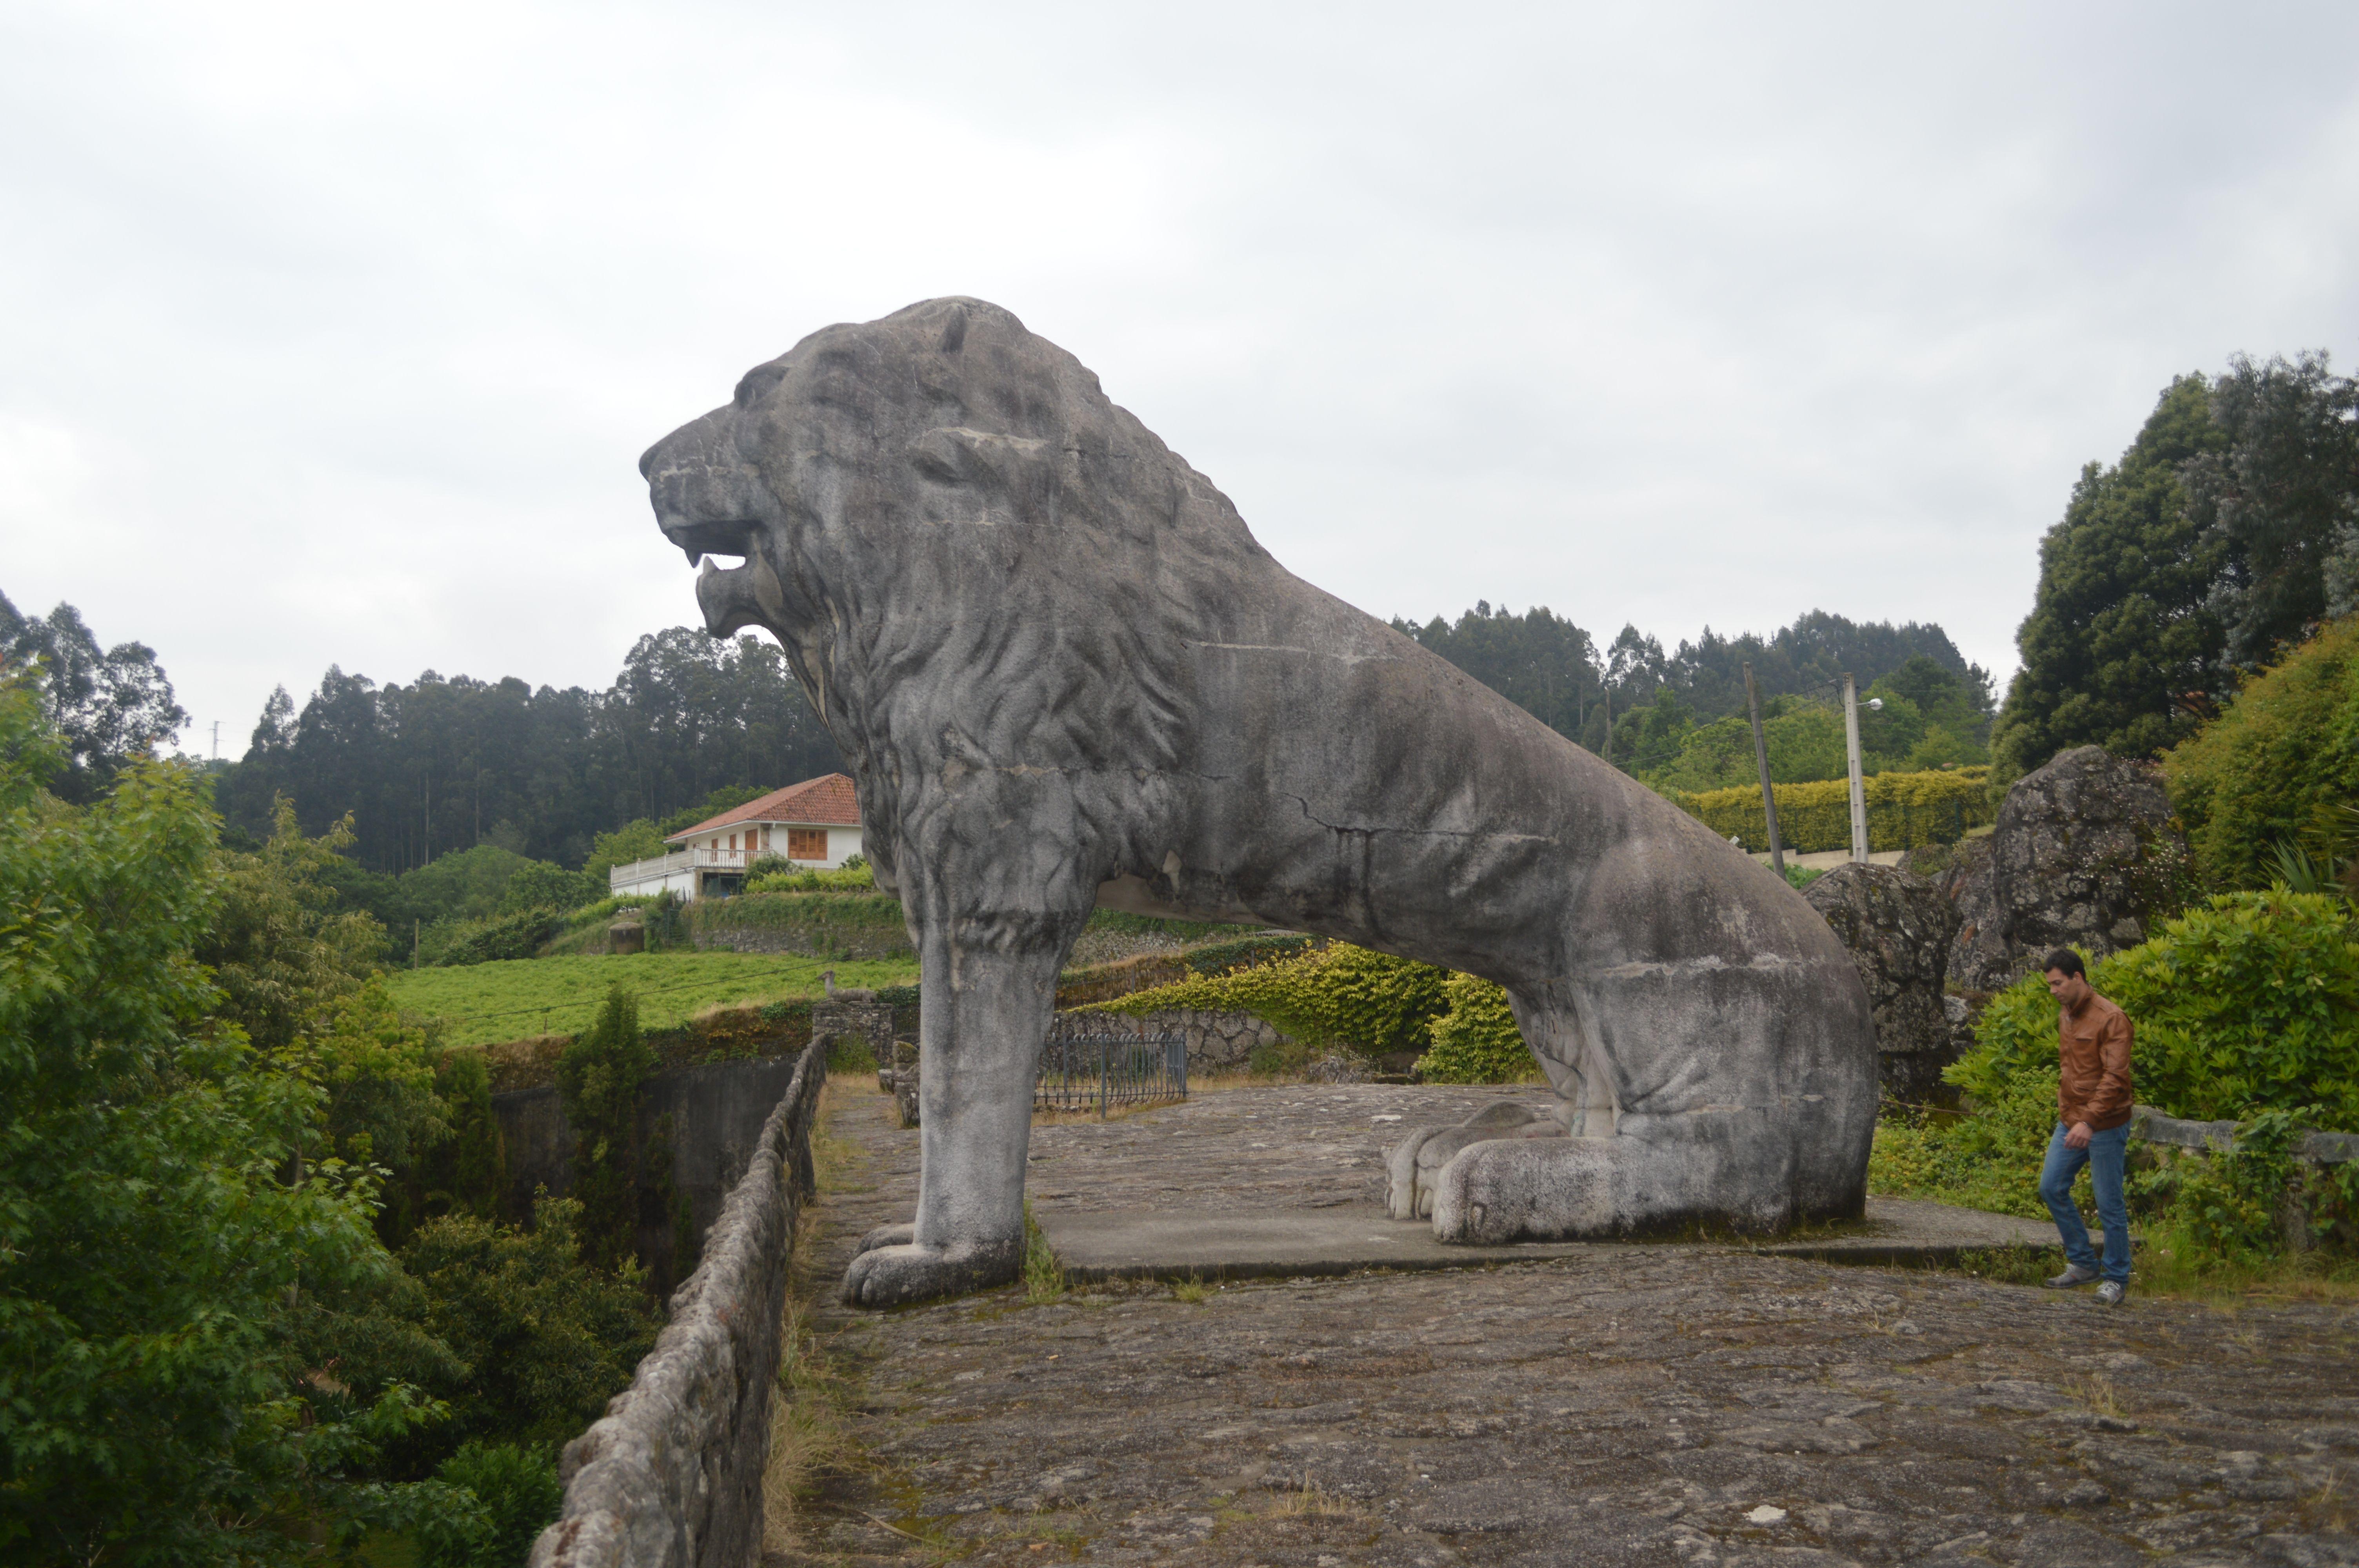 Parque Enciclopédico del Pasatiempo (Betanzos - A Coruña)